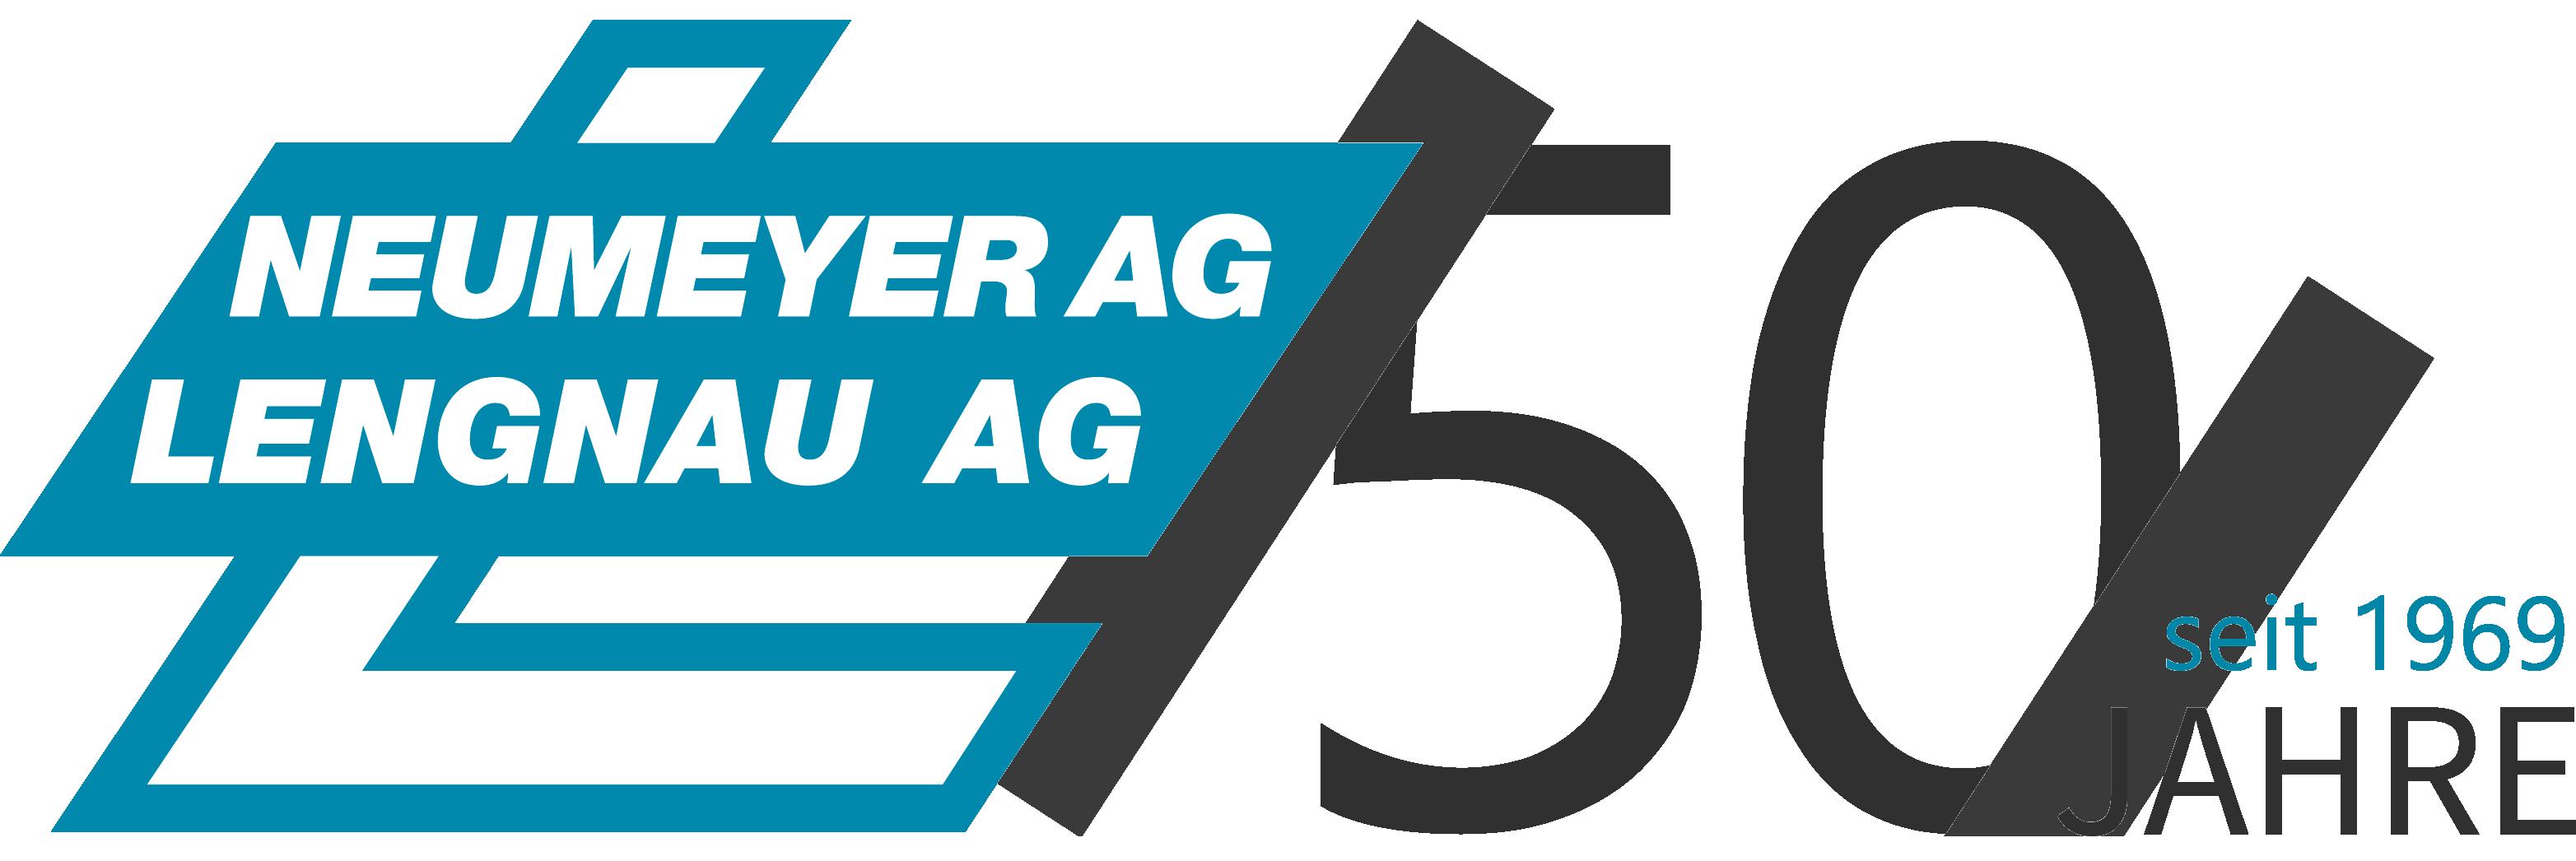 Neumeyer AG